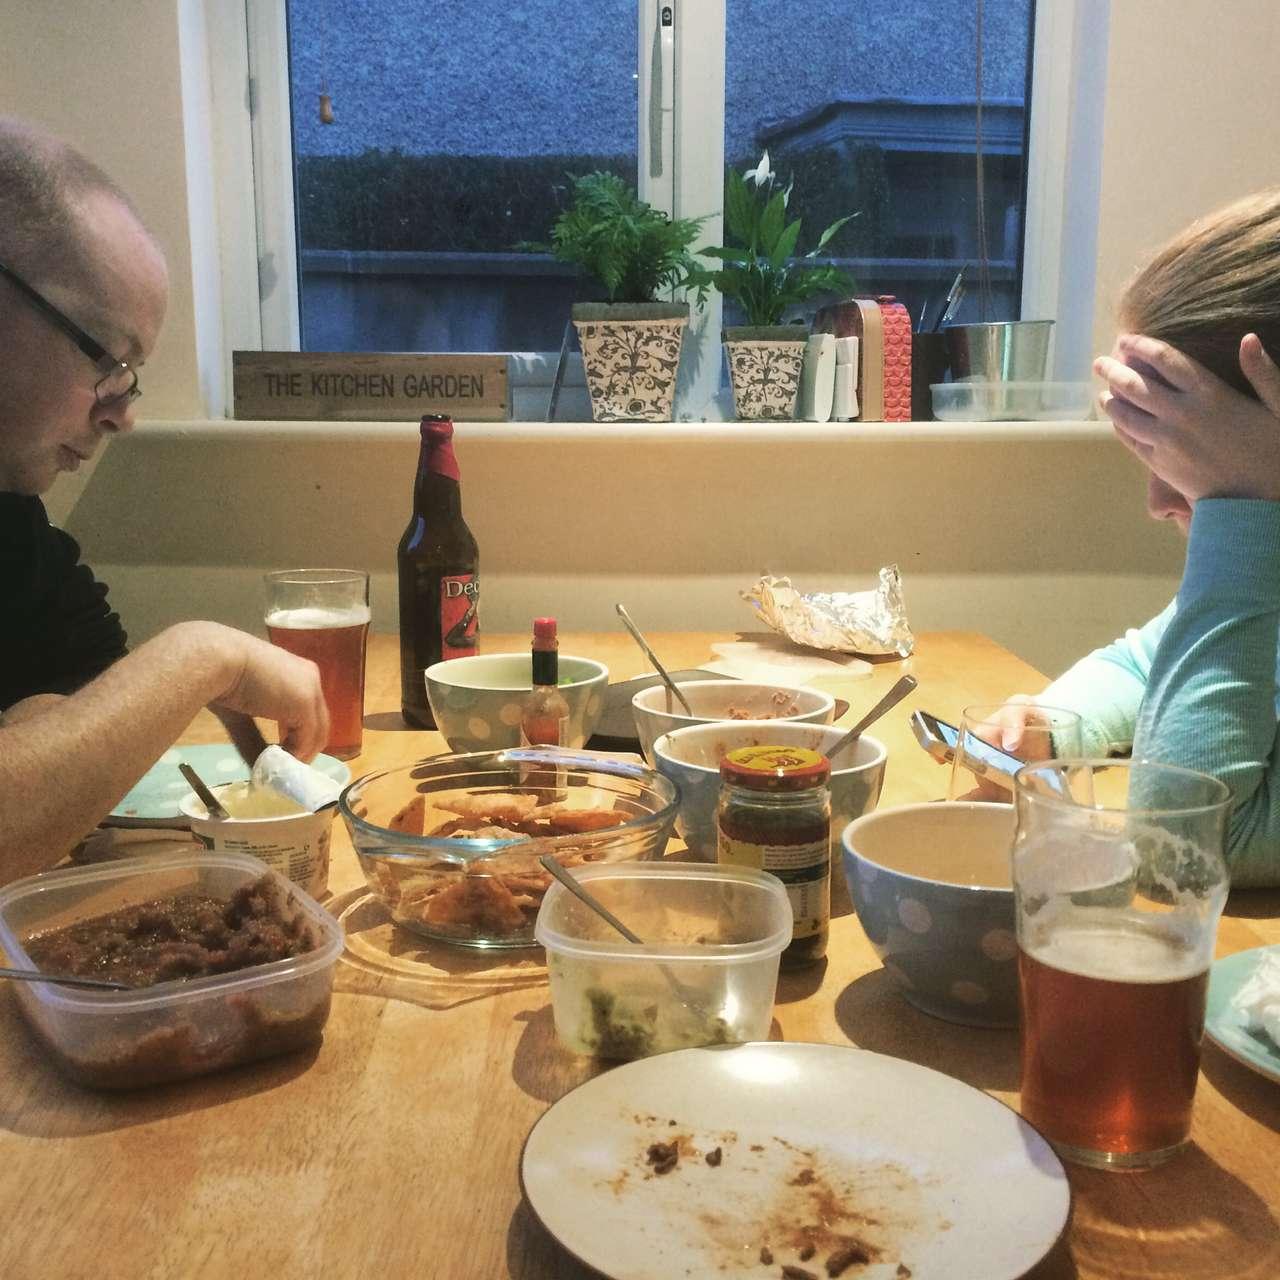 Eadaoin and Donny struggle through dinner